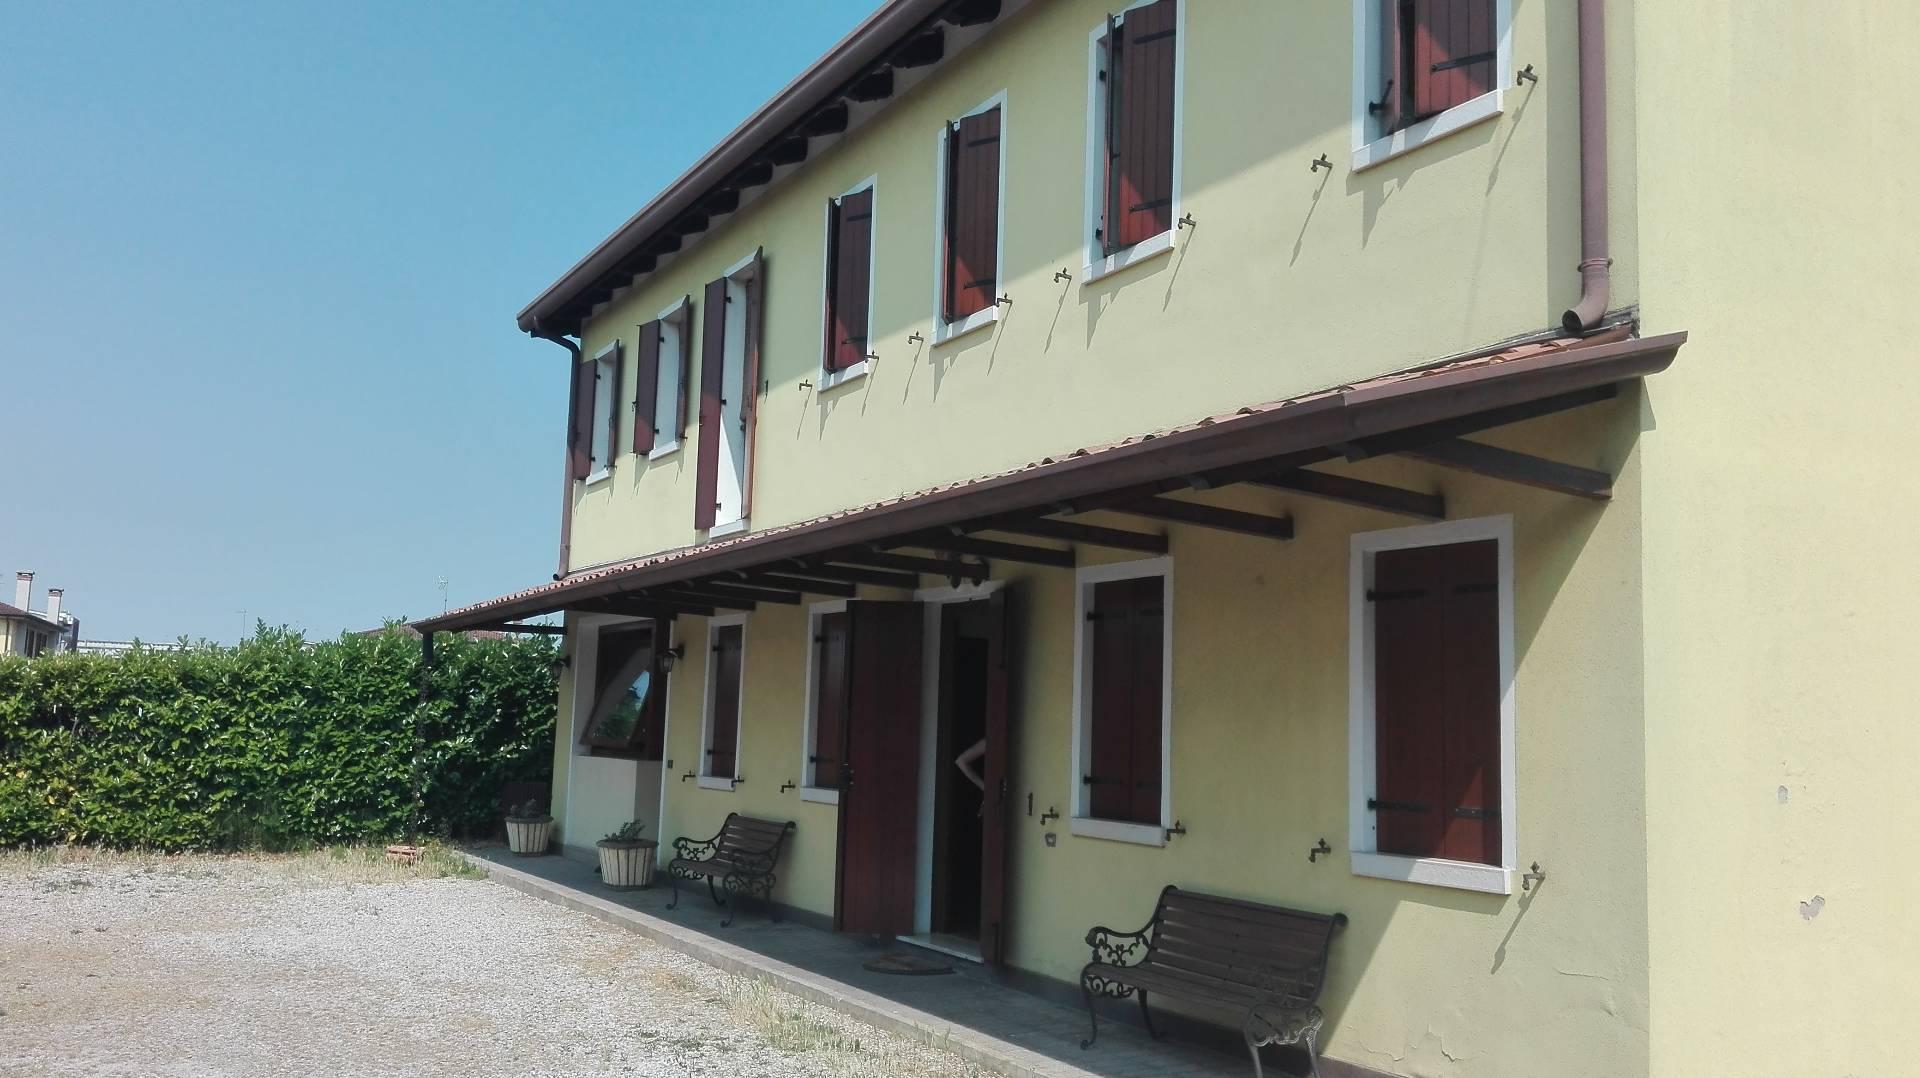 Soluzione Indipendente in vendita a Mogliano Veneto, 5 locali, prezzo € 370.000 | Cambio Casa.it